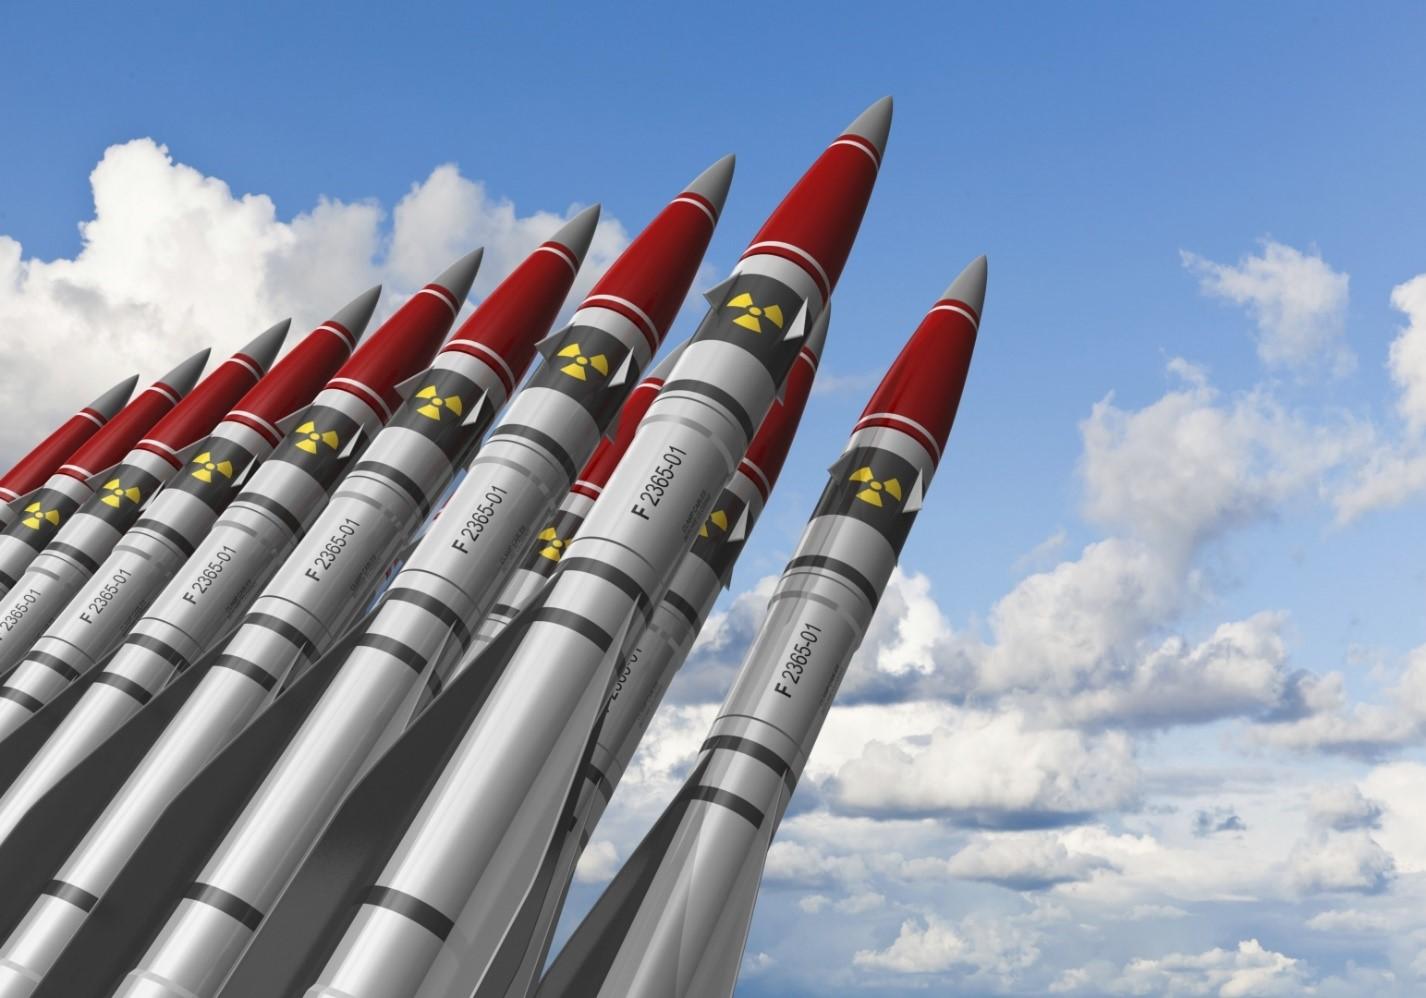 Ядерные ракеты приведены в боевую готовность